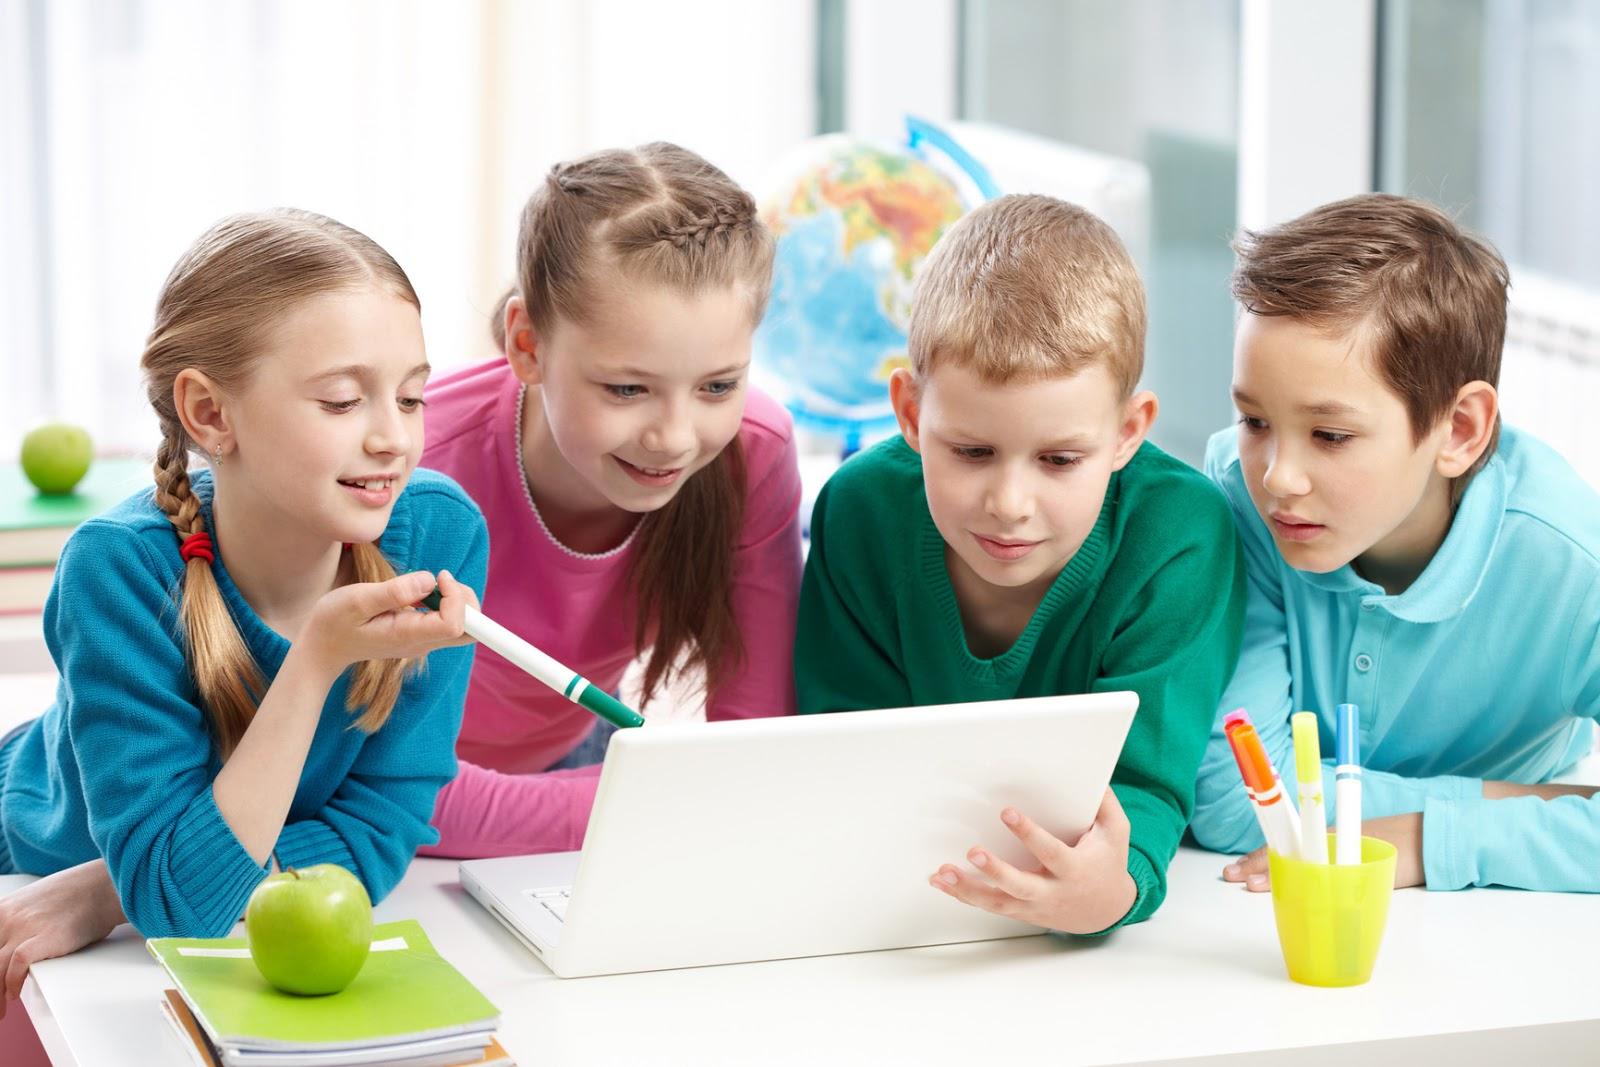 آموزش کامپیوتر برای کودکان